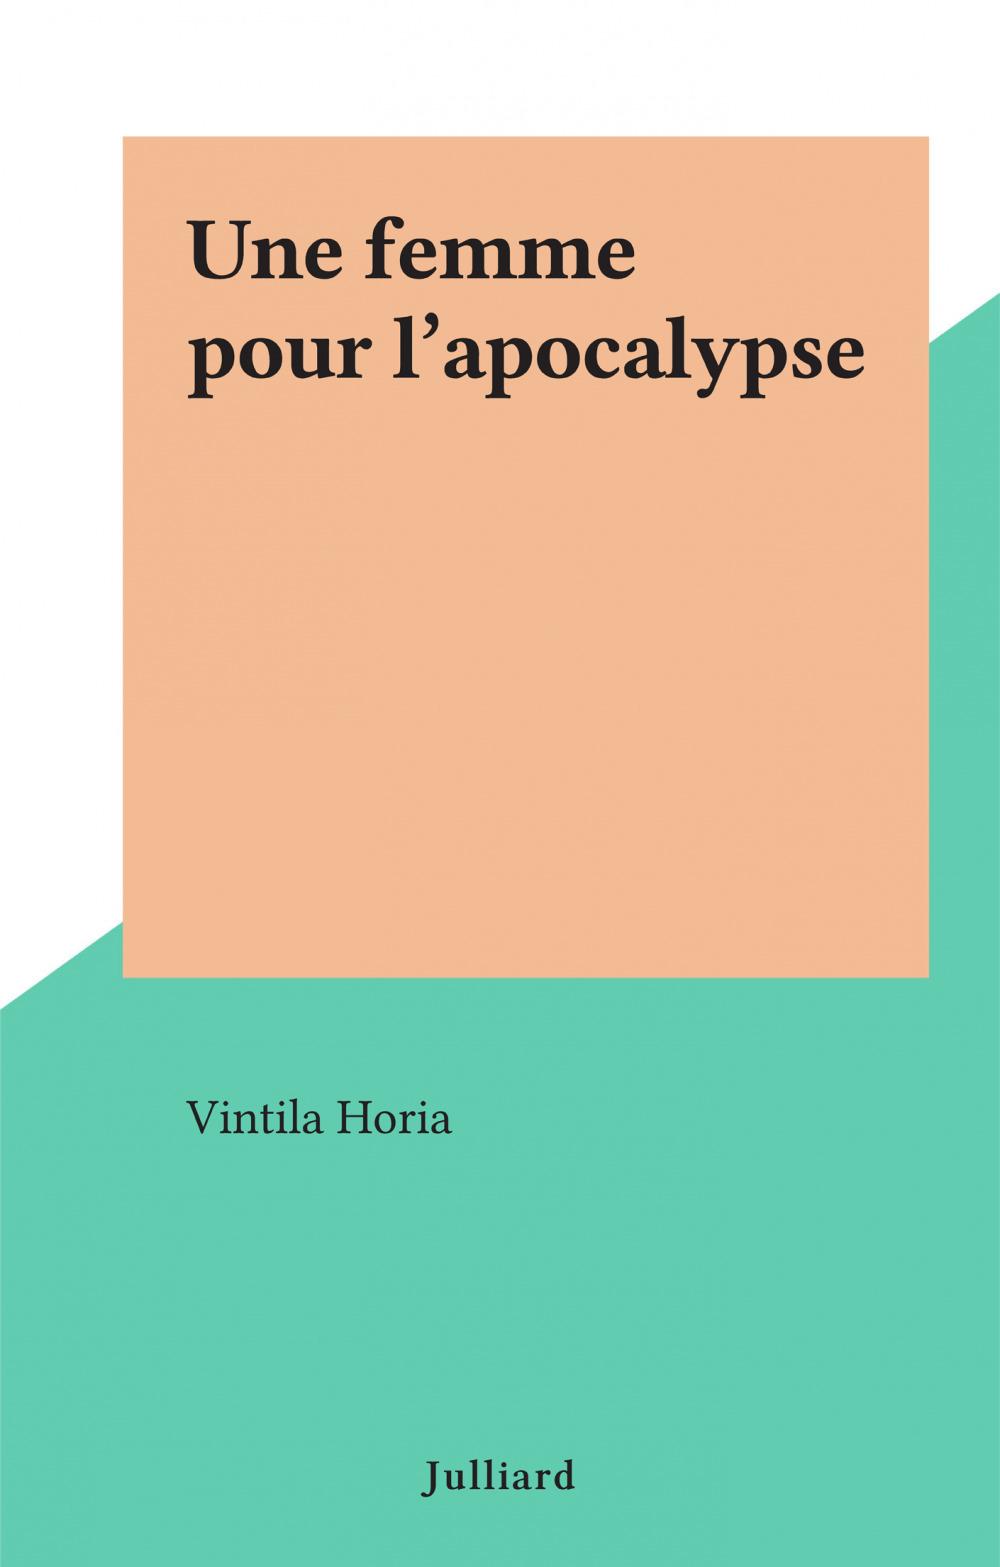 Une femme pour l'apocalypse  - Vintila Horia